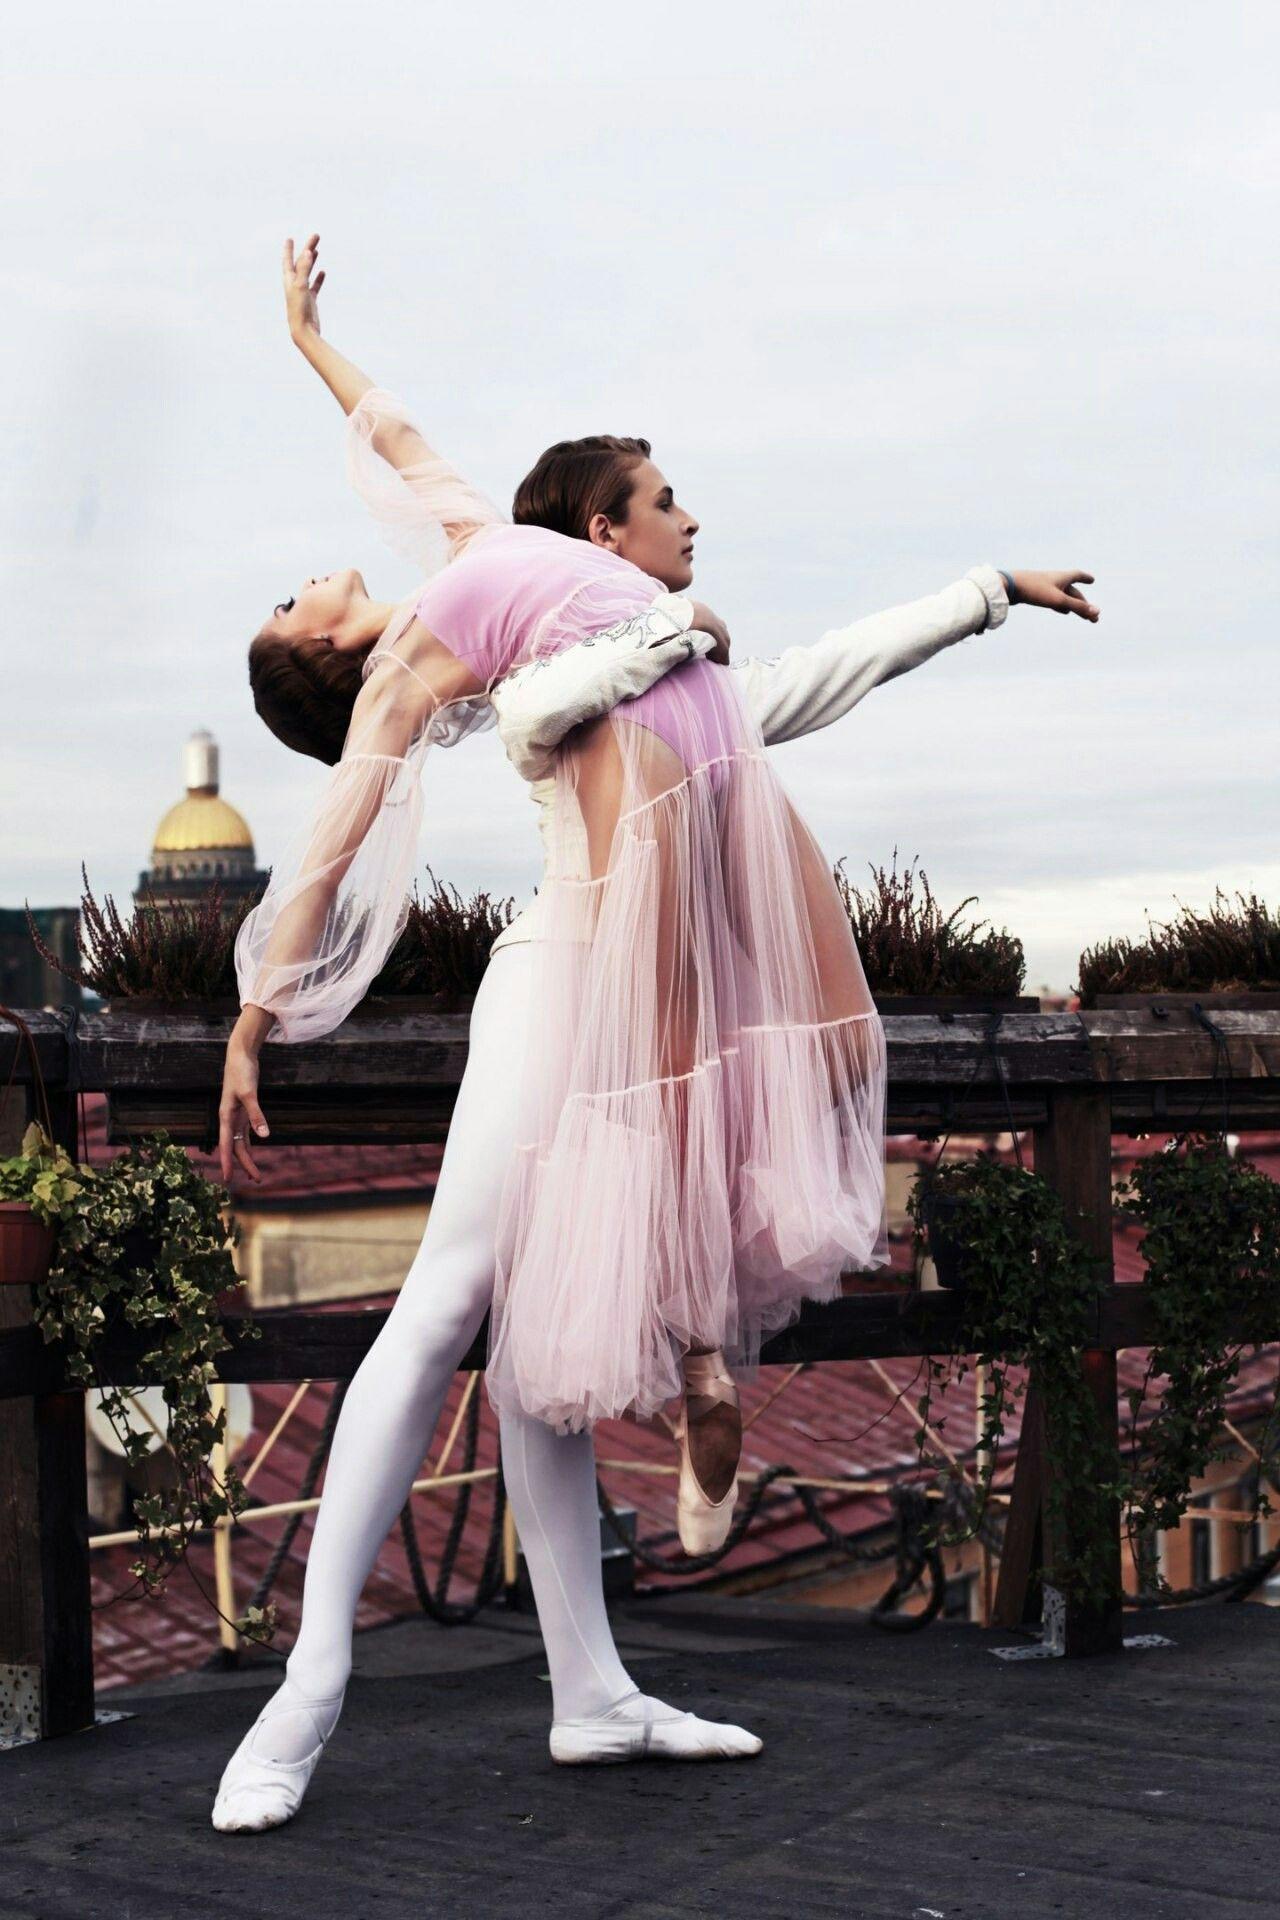 Beautiful pictures of Russian ballerinas Irina Yakovleva